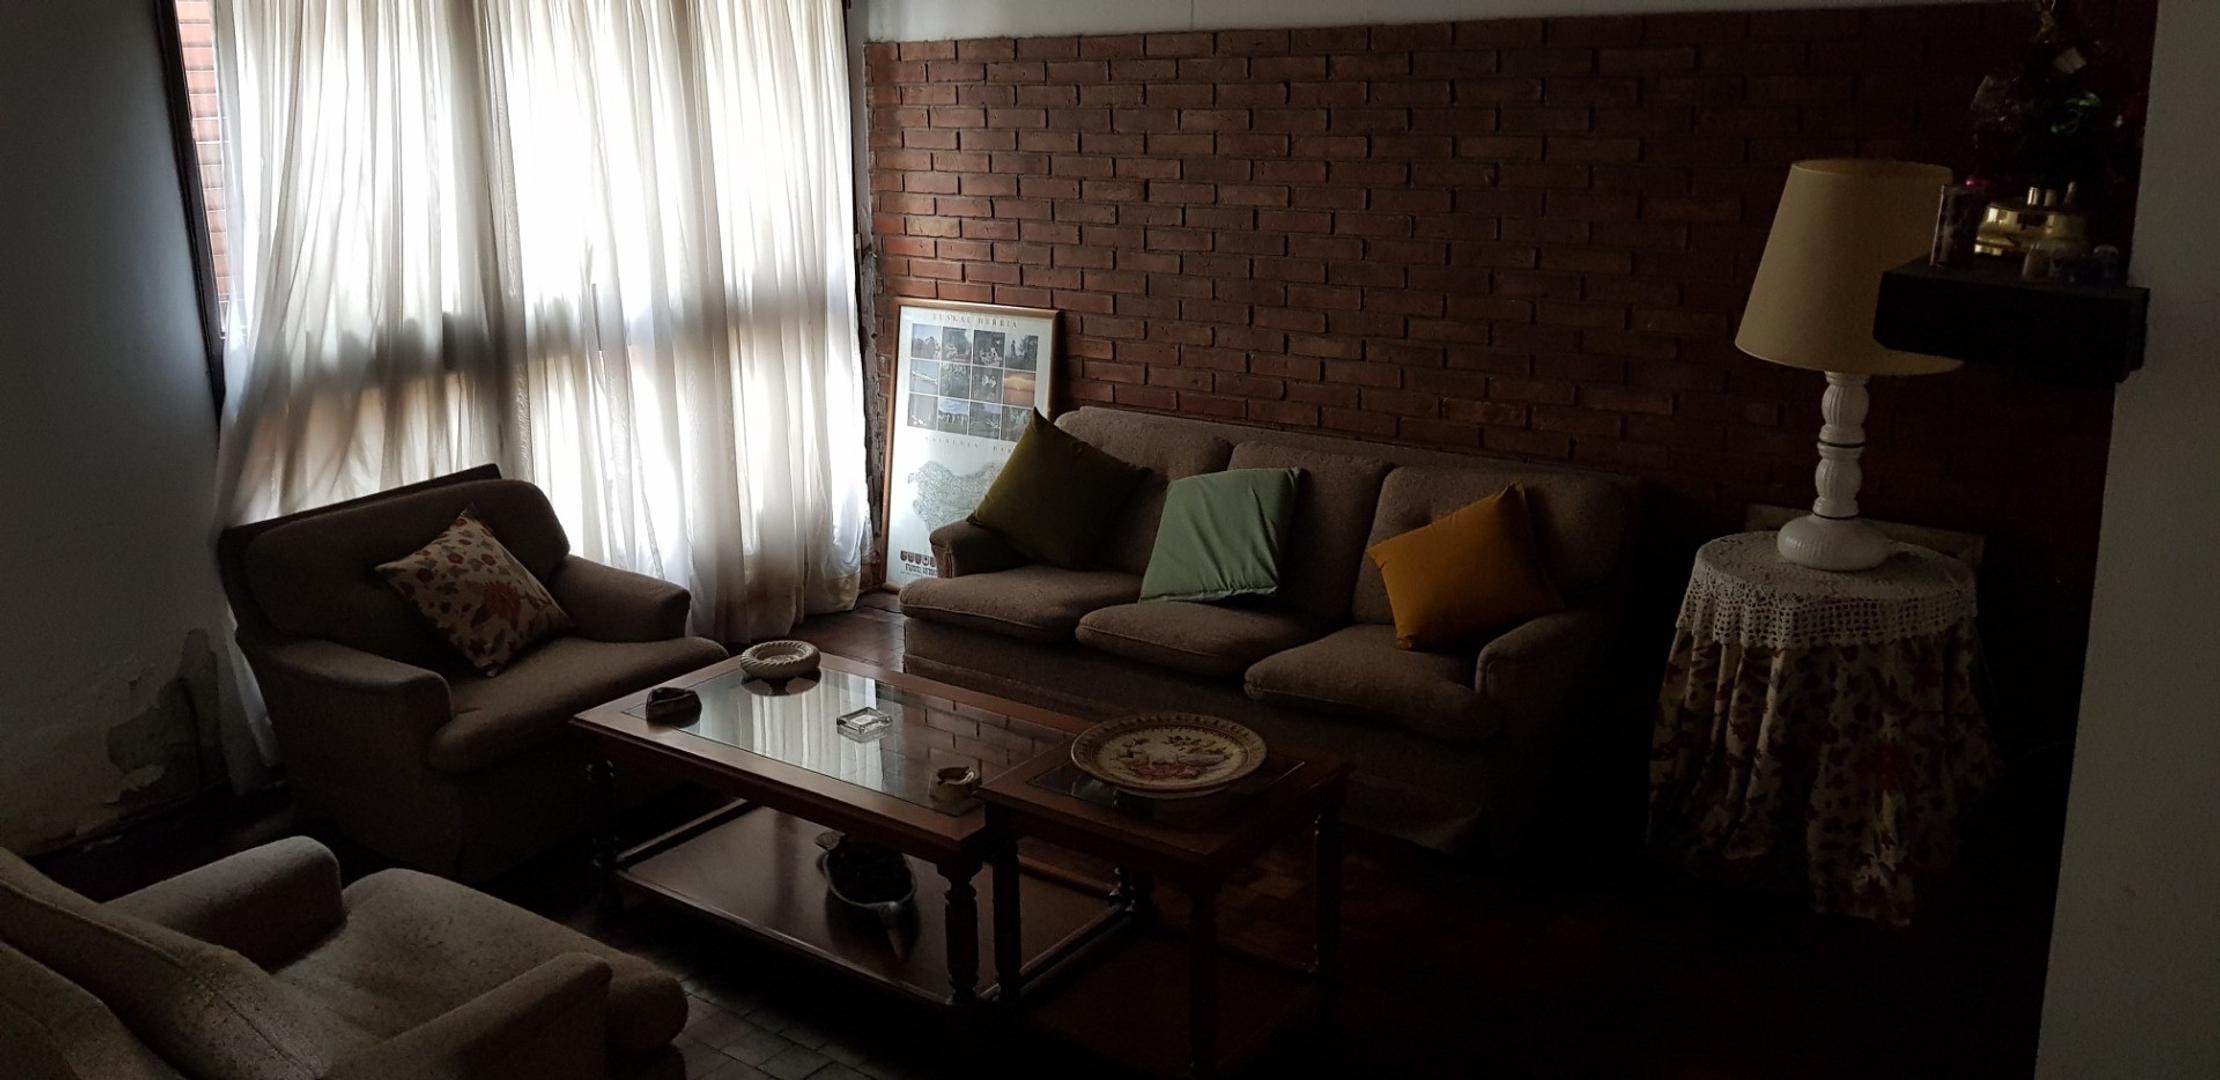 importante case sobre lote de 10x60 5 dormitorios, cochera doble, venta. 62 8 y  9  - Foto 25